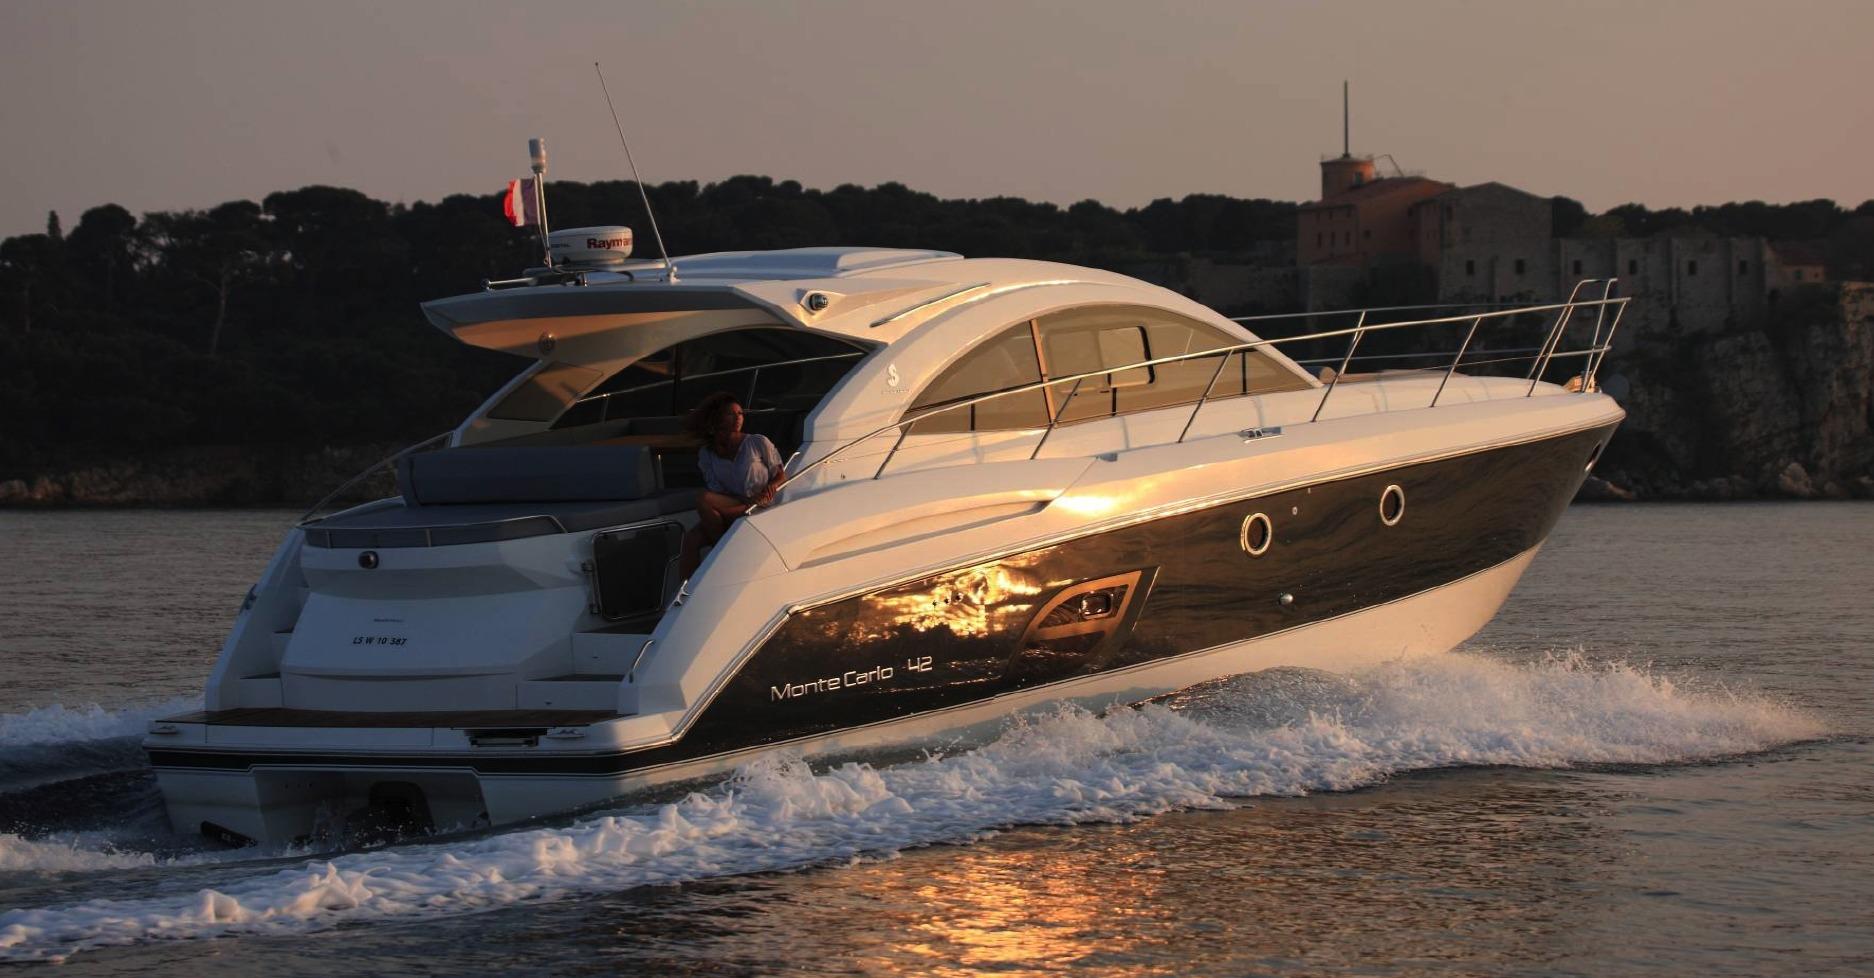 Location BENETEAU Monte Carlo 42 à Ajaccio | www.uni-bateaux.com